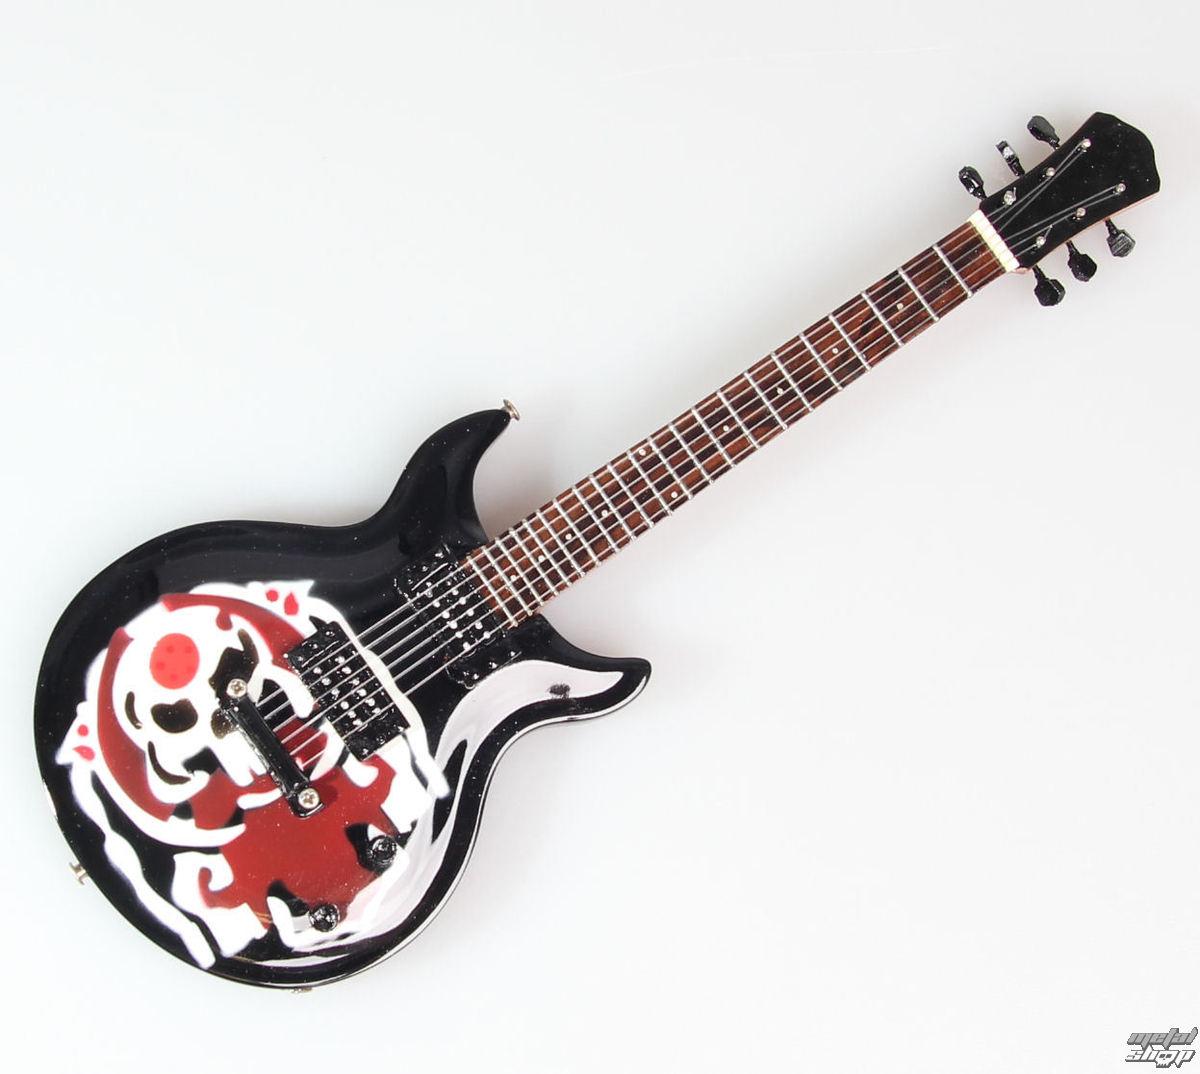 gitara Black Cult - Guitar Replica - MINI GUITAR USA - Cult